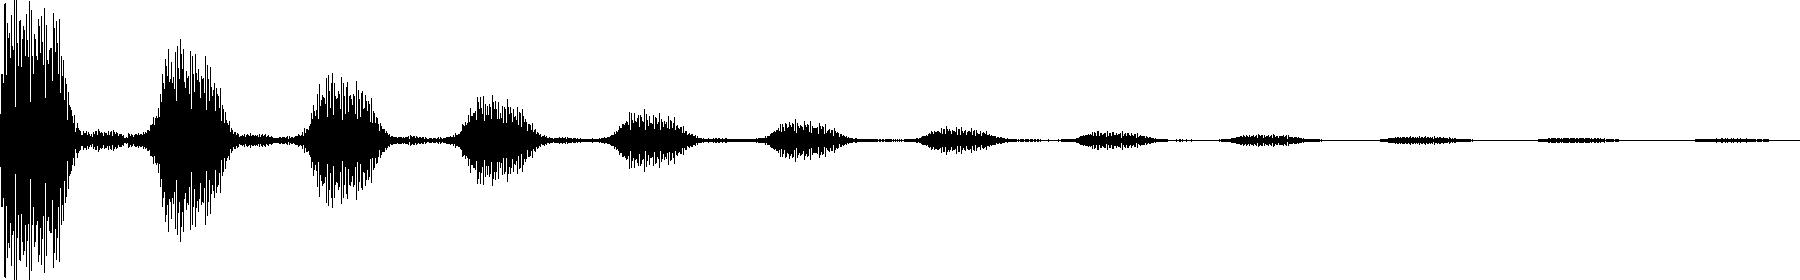 ps480 bl